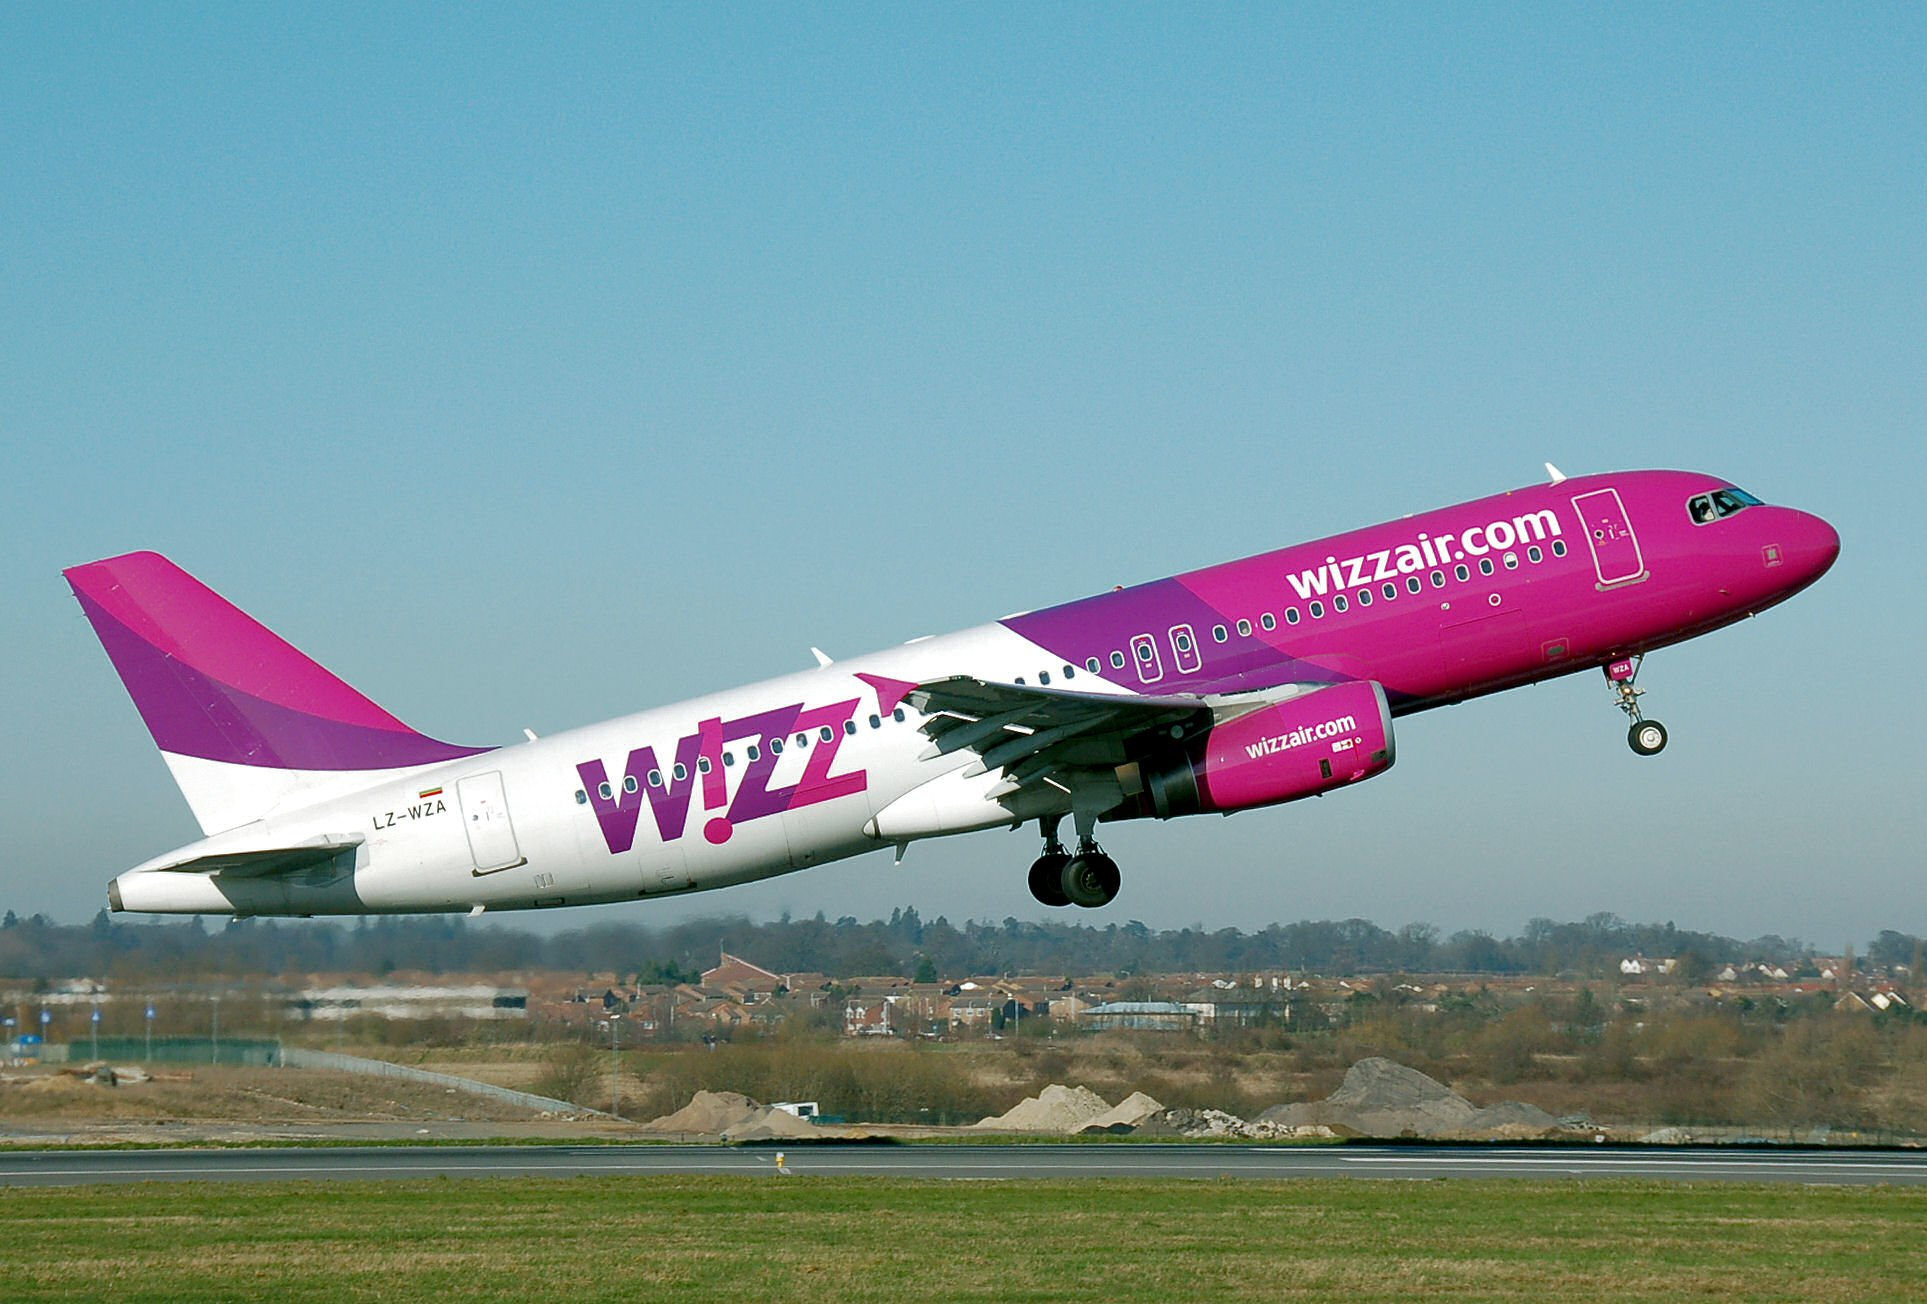 Wizz Air impone nuevo procedimiento de seguridad en las cabinas de sus aviones / Aviacol.net El Portal de la Aviación